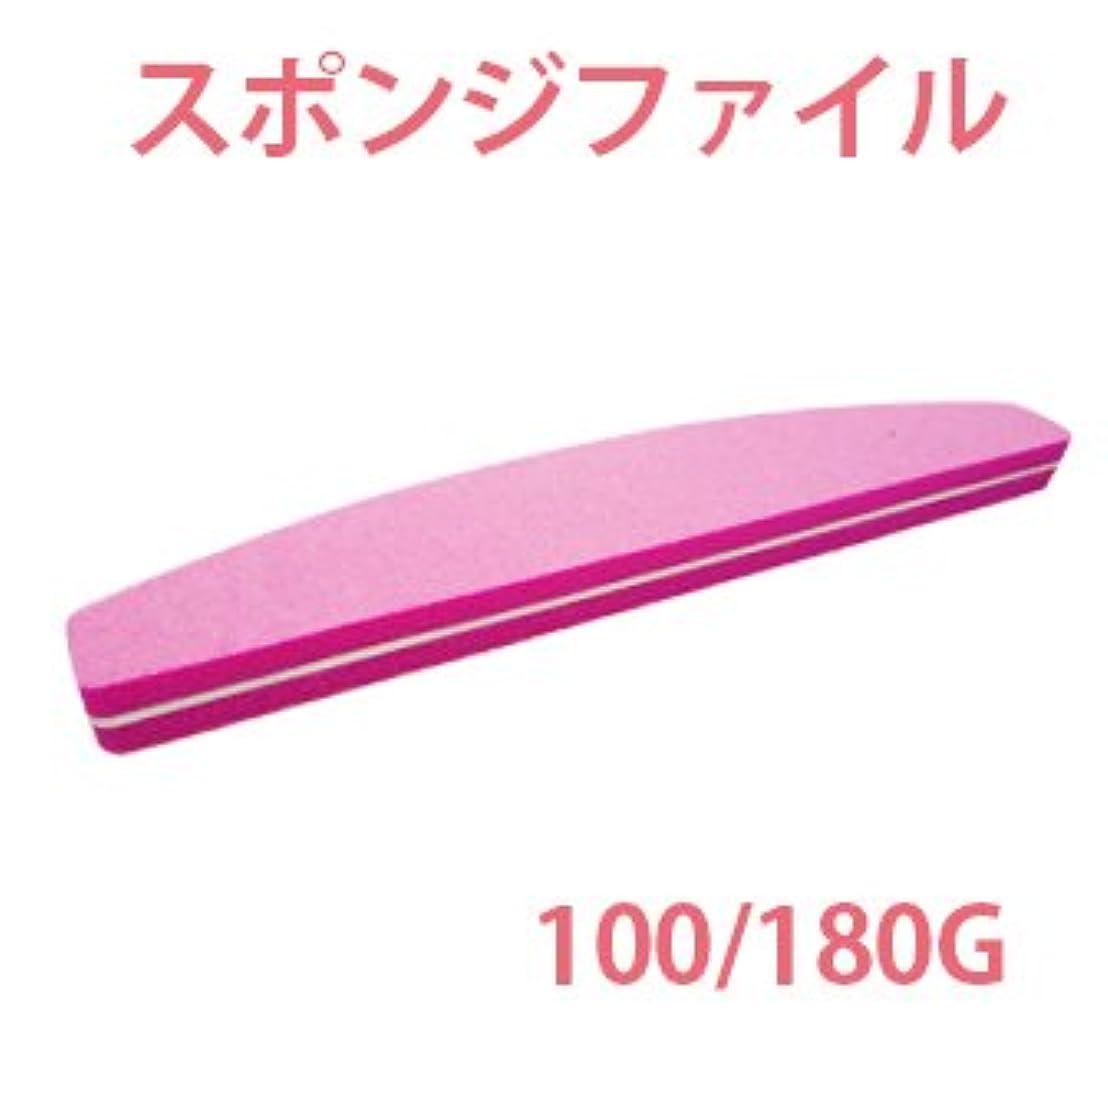 タンザニアそうあそこスポンジファイル バッファー 100/180G ピンク